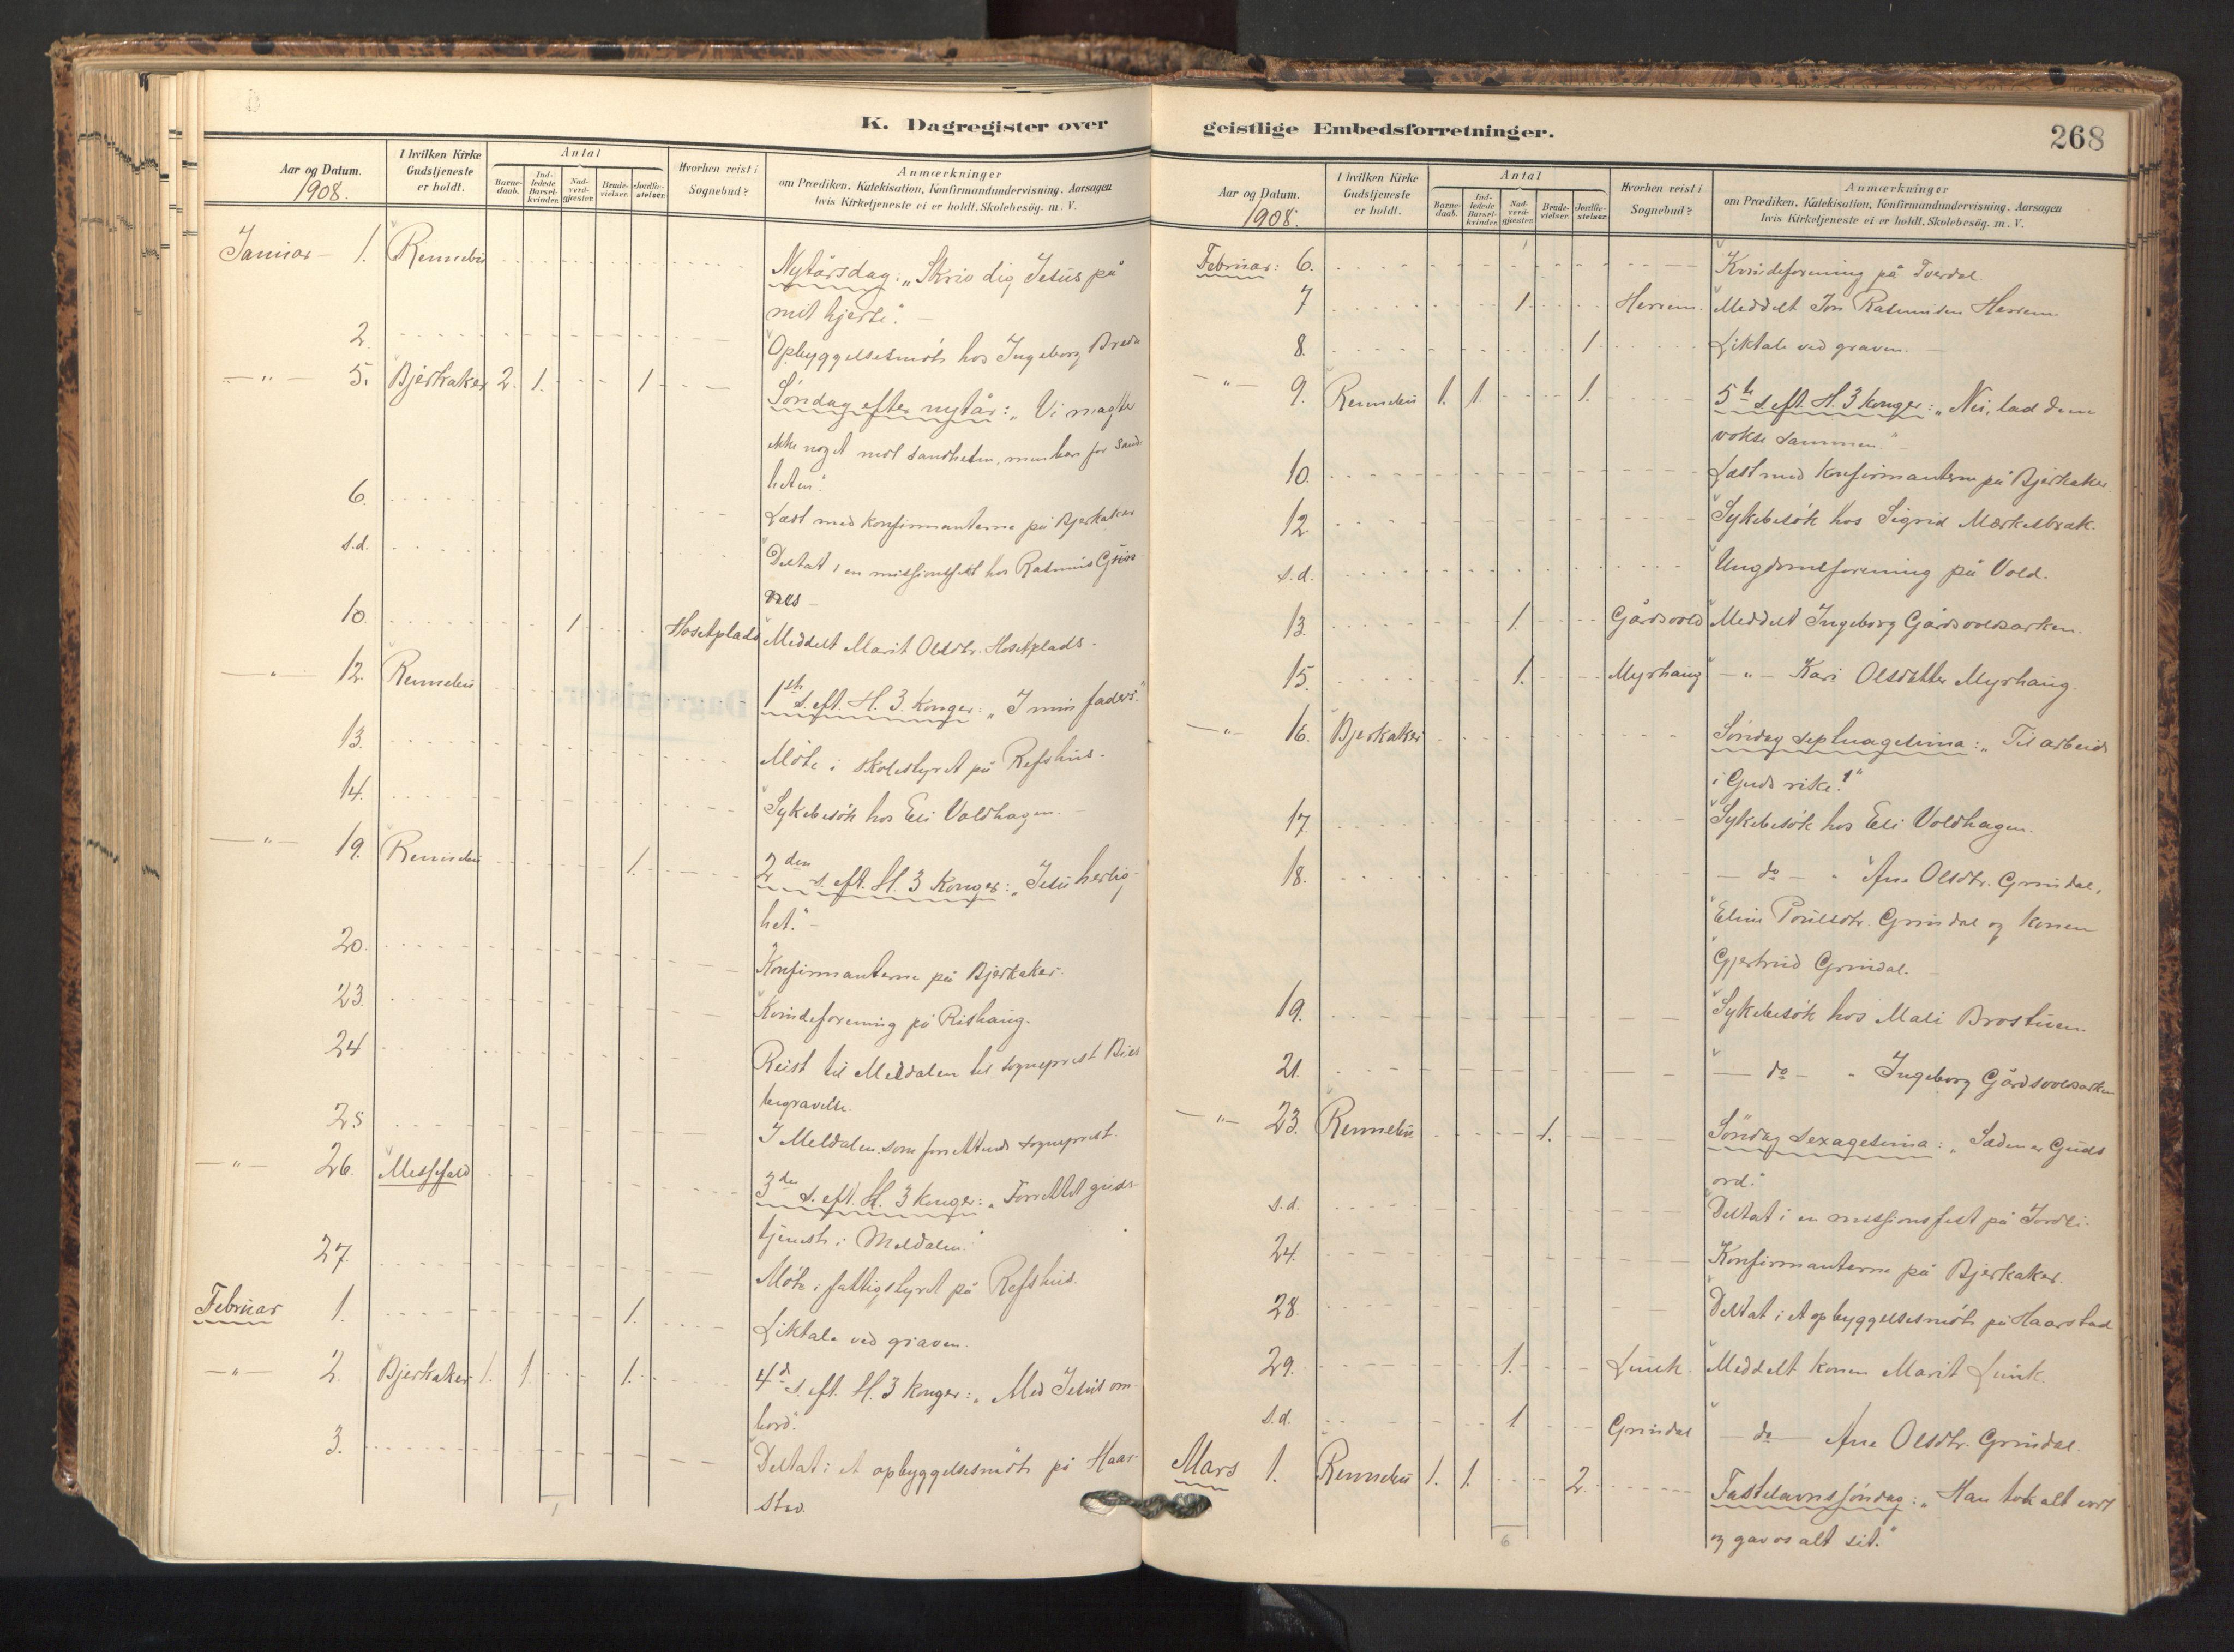 SAT, Ministerialprotokoller, klokkerbøker og fødselsregistre - Sør-Trøndelag, 674/L0873: Ministerialbok nr. 674A05, 1908-1923, s. 268